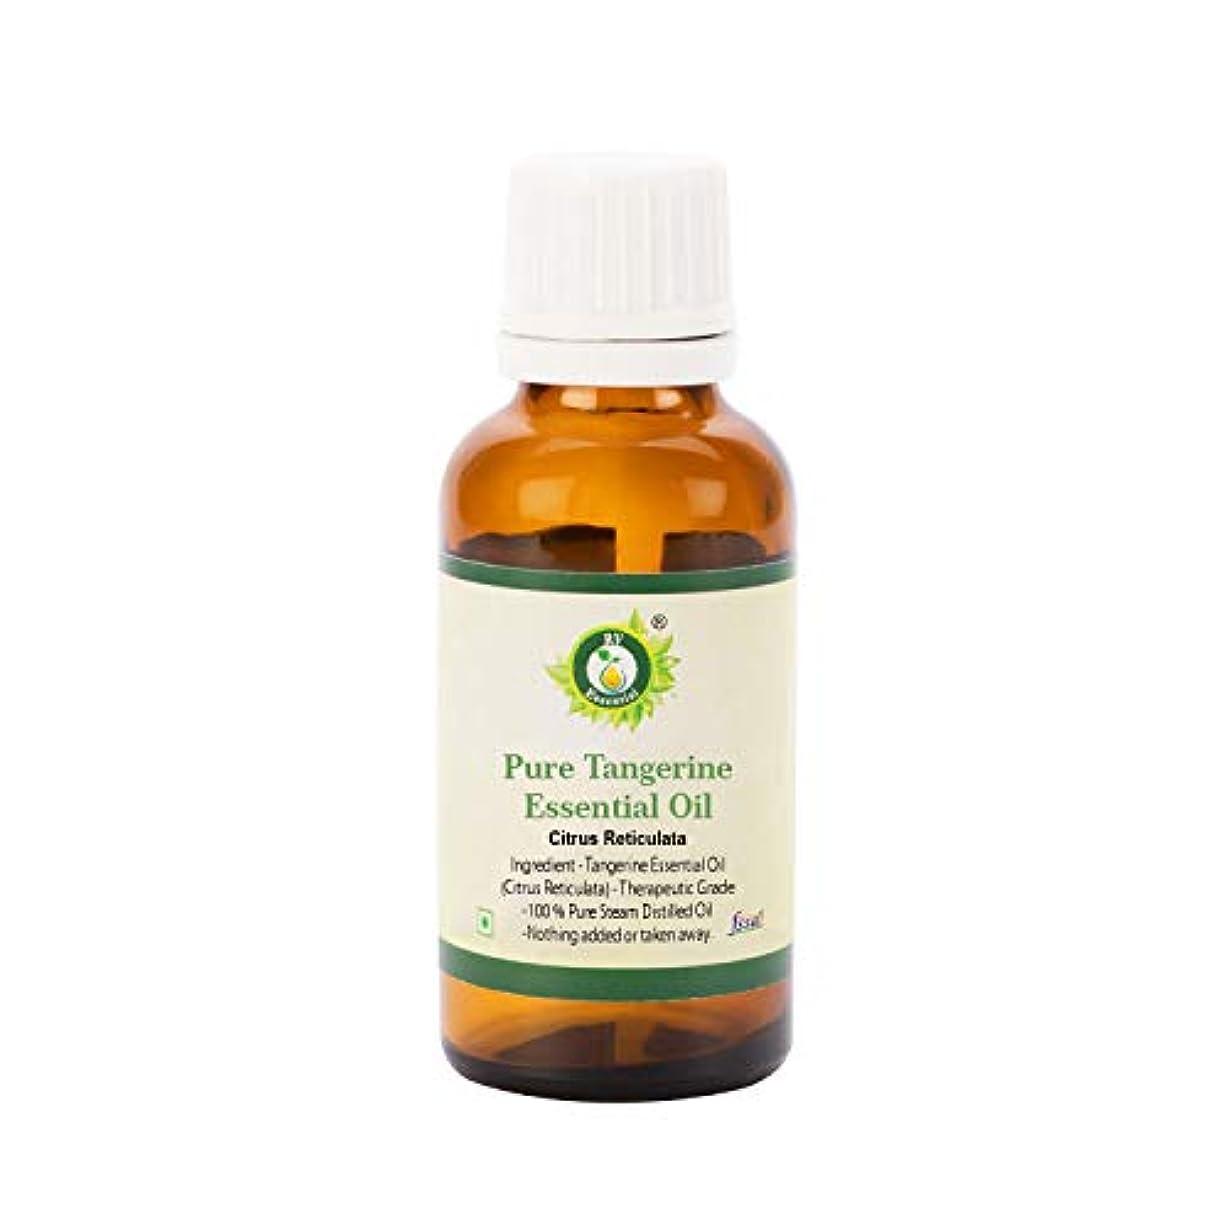 虚偽養うに対応するR V Essential ピュアタンジェリンエッセンシャルオイル50ml (1.69oz)- Citrus Reticulata (100%純粋&天然スチームDistilled) Pure Tangerine Essential...